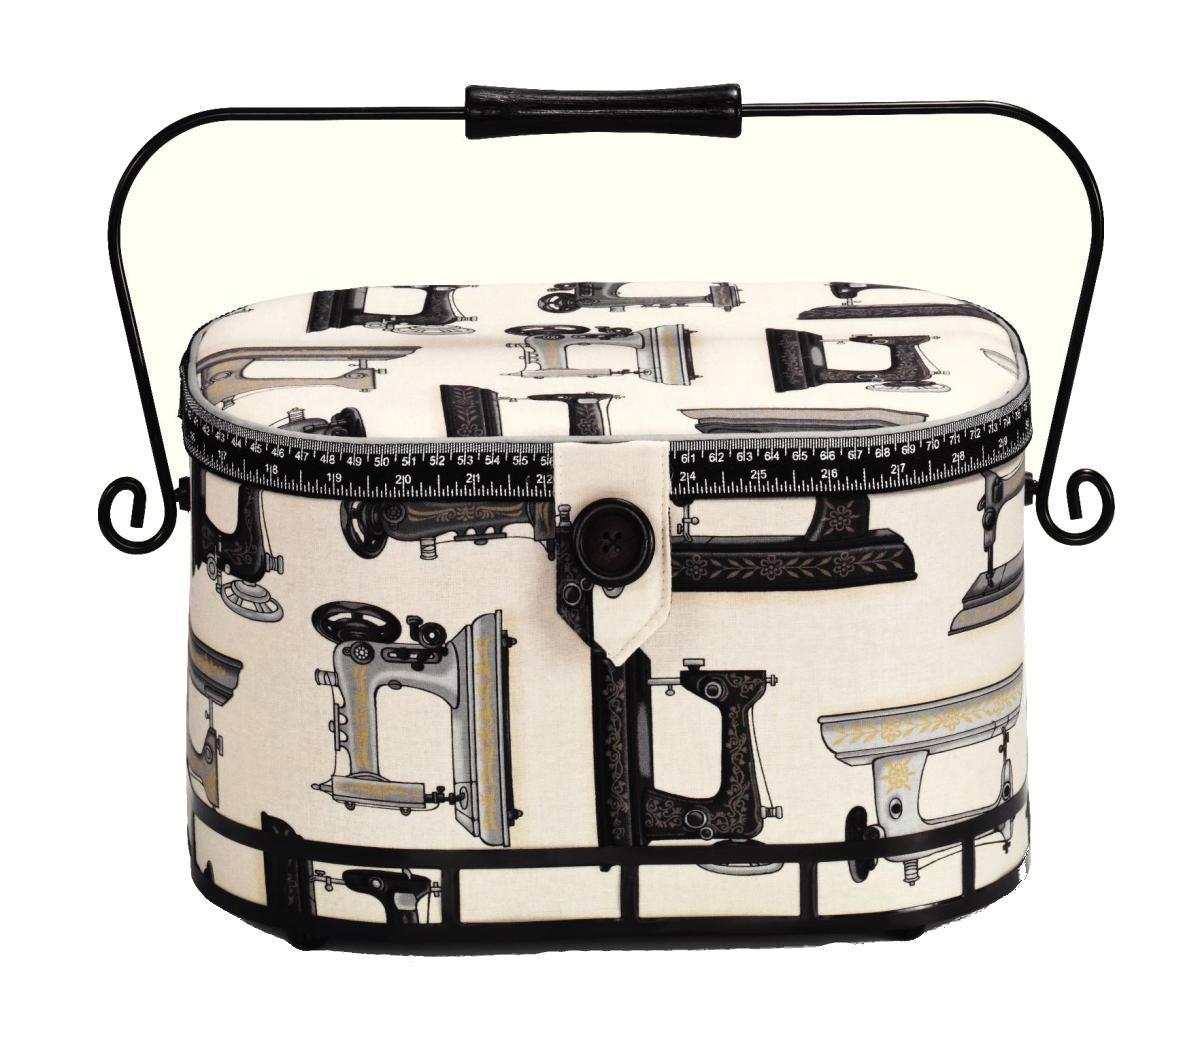 Шкатулка для рукоделия Hobby, 30 х 20,5 х 19 см612288Шкатулка для рукоделия Hobby , станет чудесным подарком для рукодельницы. Порадуйте женщин незаменимой шкатулкой Hobby от производителя Prym.